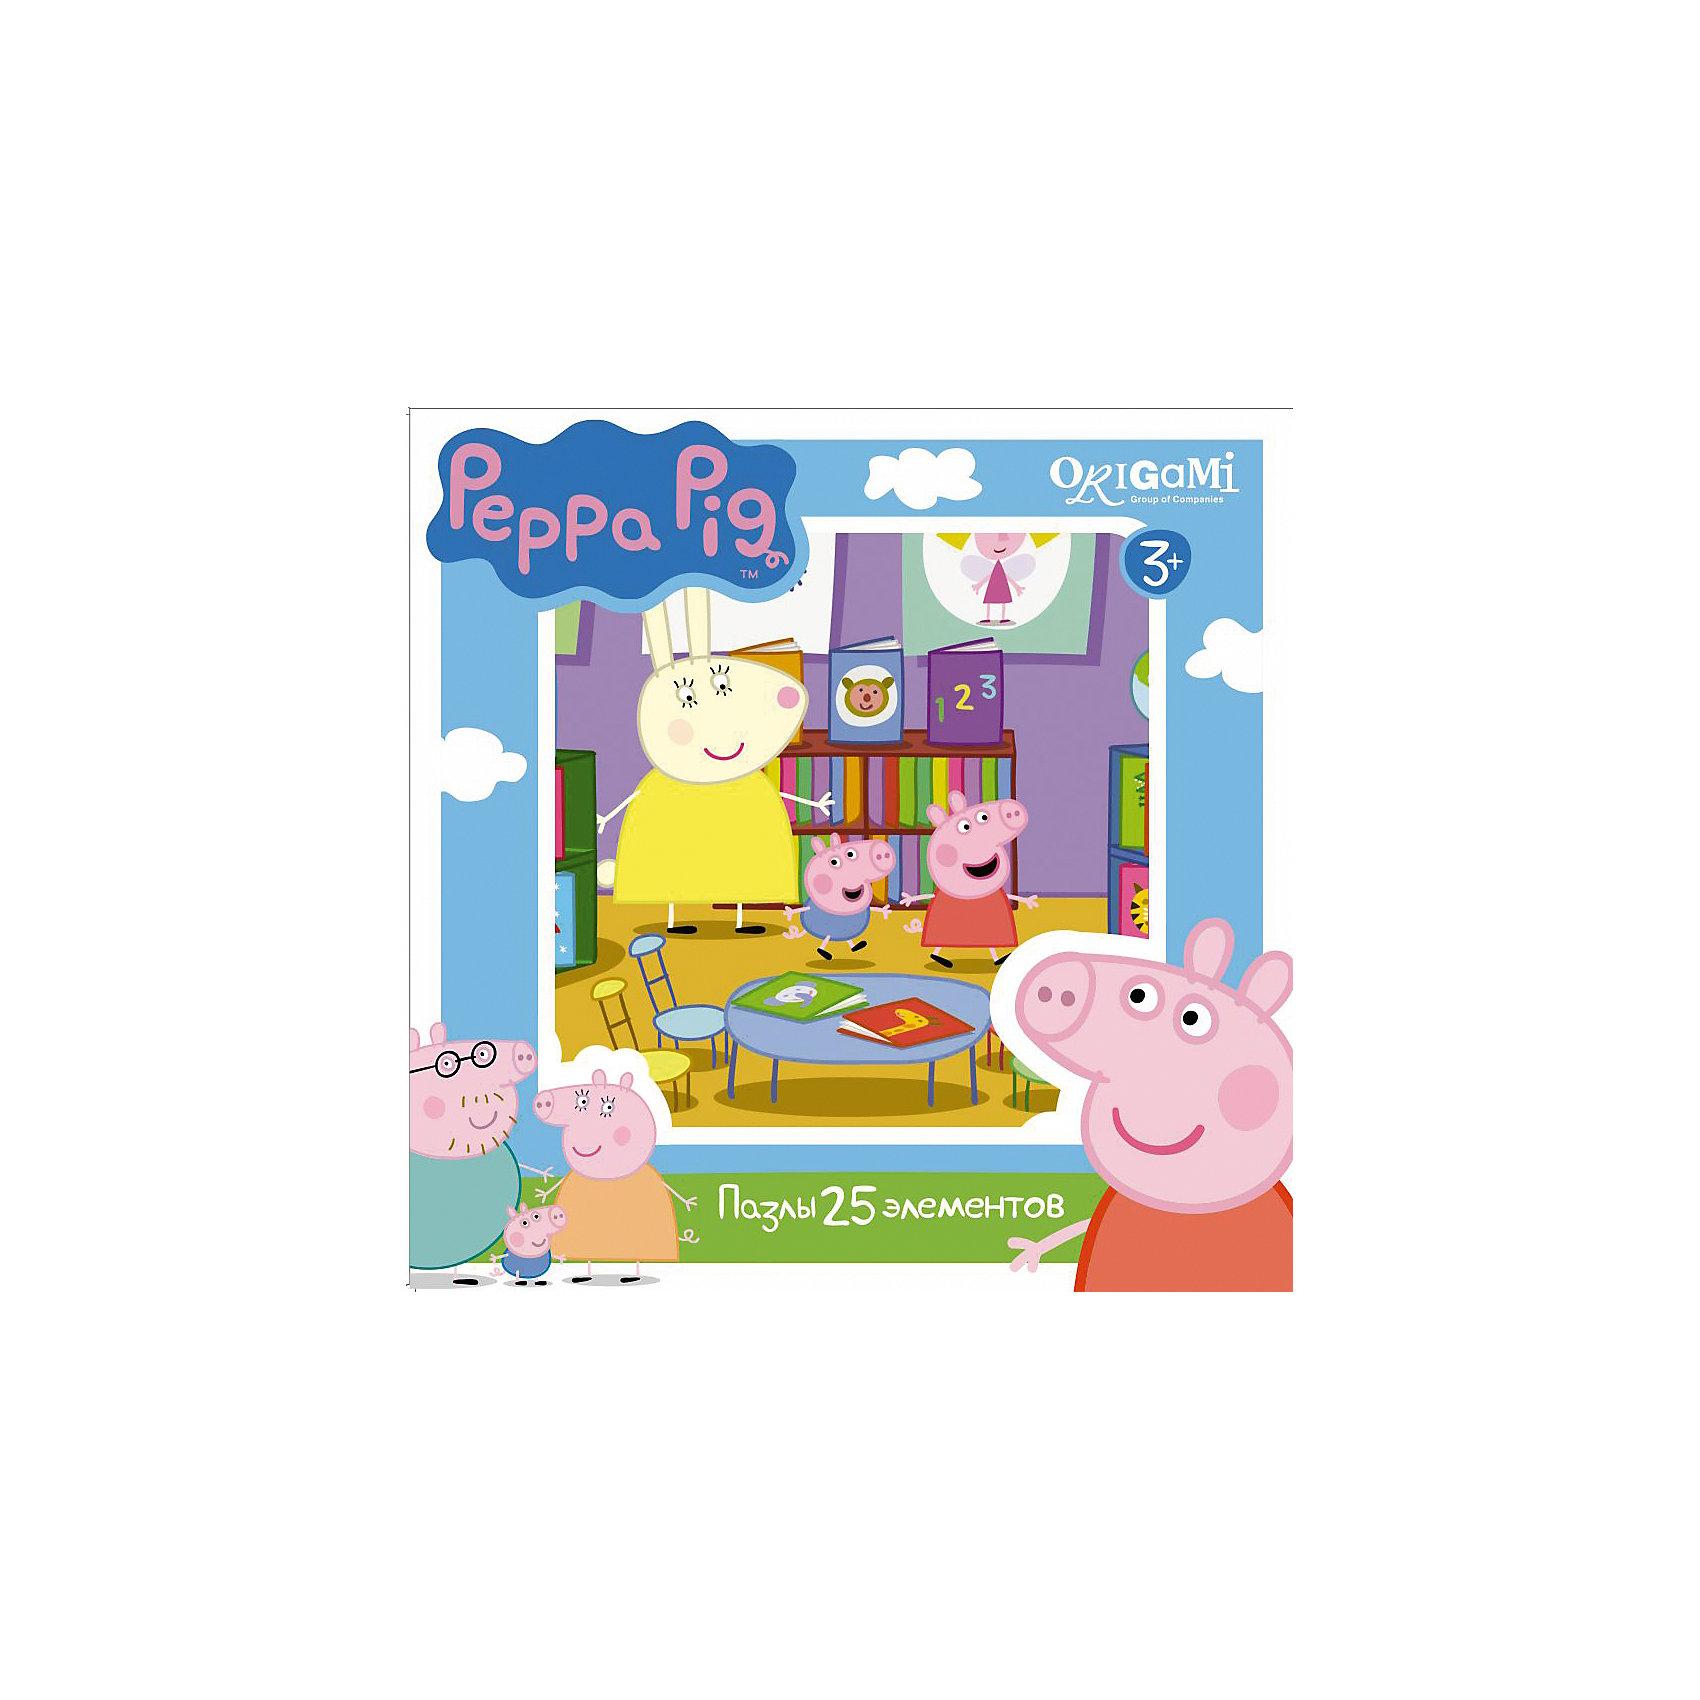 Пазл 25 деталей, Свинка ПеппаПазл 25 деталей, Свинка Пеппа - это увлекательный пазл, созданный для детей, которые любят с интересом и пользой проводить время.<br>Яркий и красочный пазл сделан по мотивам мультсериала о приключениях симпатичной маленькой свинки Пеппы. С помощью входящих в набор деталей ваш ребенок сможет собрать красочную картинку, на которой свинка Пеппа и Джордж пришли в библиотеку. Детали пазла прекрасно соединяются между собой, не расслаиваются и не ломаются при сборке. Эта головоломка позволит ребенку развить мелкую моторику рук, терпение, усидчивость, зрительную память и научит мыслить логически.<br><br>Дополнительная информация:<br><br>- В наборе: 25 деталей<br>- Размер собранного пазла: 22х22 см.<br>- Материал: картон<br>- Размер коробки: 15x4x15 мм.<br>- Вес: 130 гр.<br><br>Пазл 25 деталей, Свинка Пеппа можно купить в нашем интернет-магазине.<br><br>Ширина мм: 150<br>Глубина мм: 40<br>Высота мм: 150<br>Вес г: 130<br>Возраст от месяцев: 36<br>Возраст до месяцев: 96<br>Пол: Унисекс<br>Возраст: Детский<br>Количество деталей: 25<br>SKU: 4335022